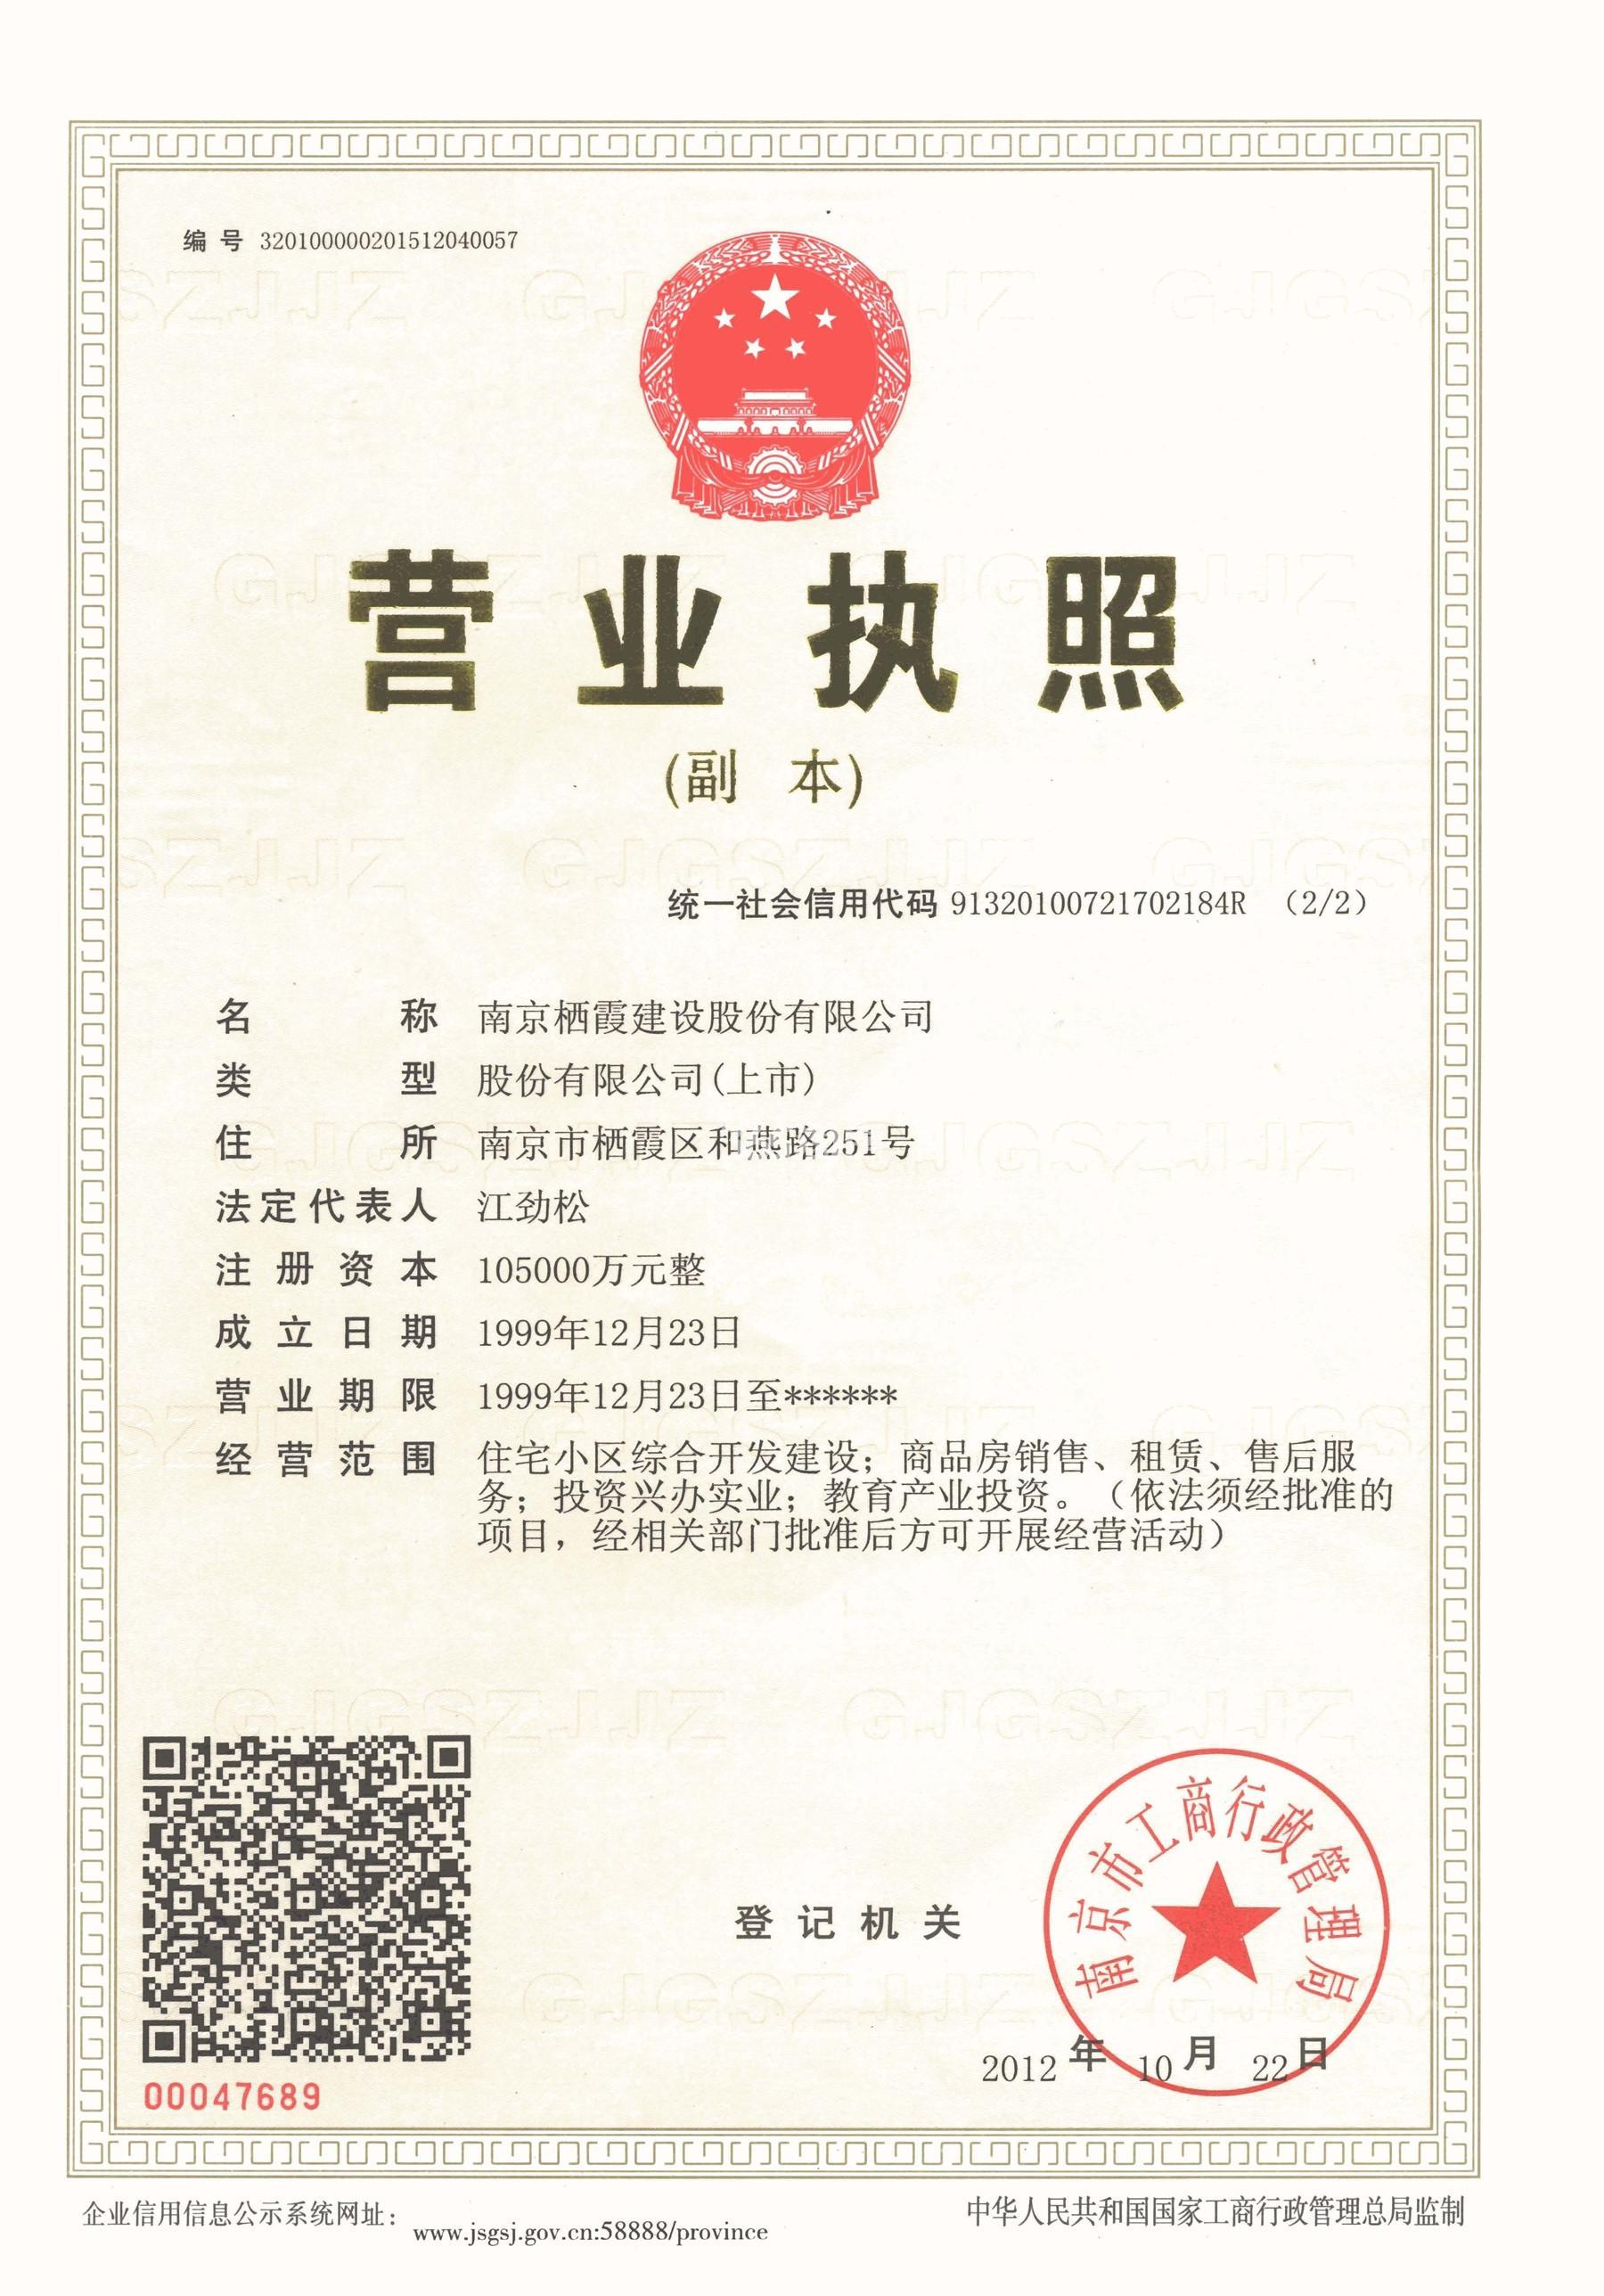 星叶羊山湖花园销售证照